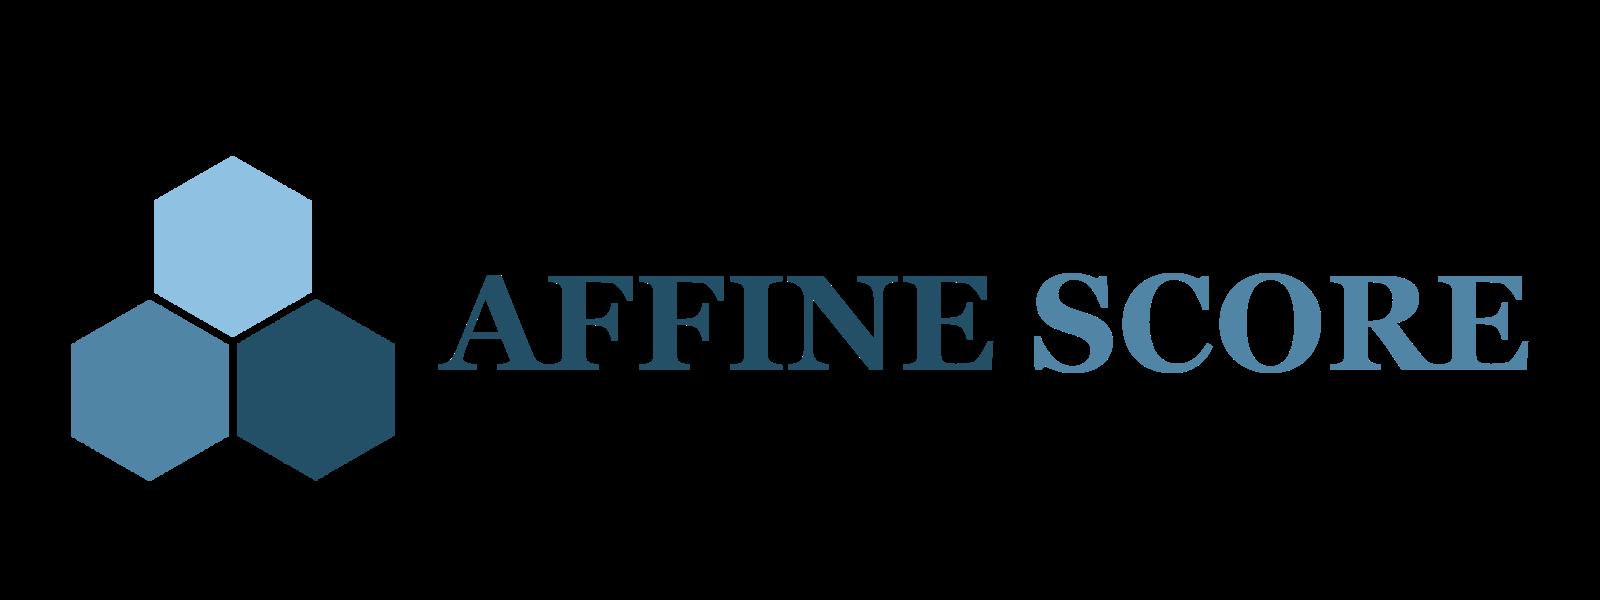 Affine Score